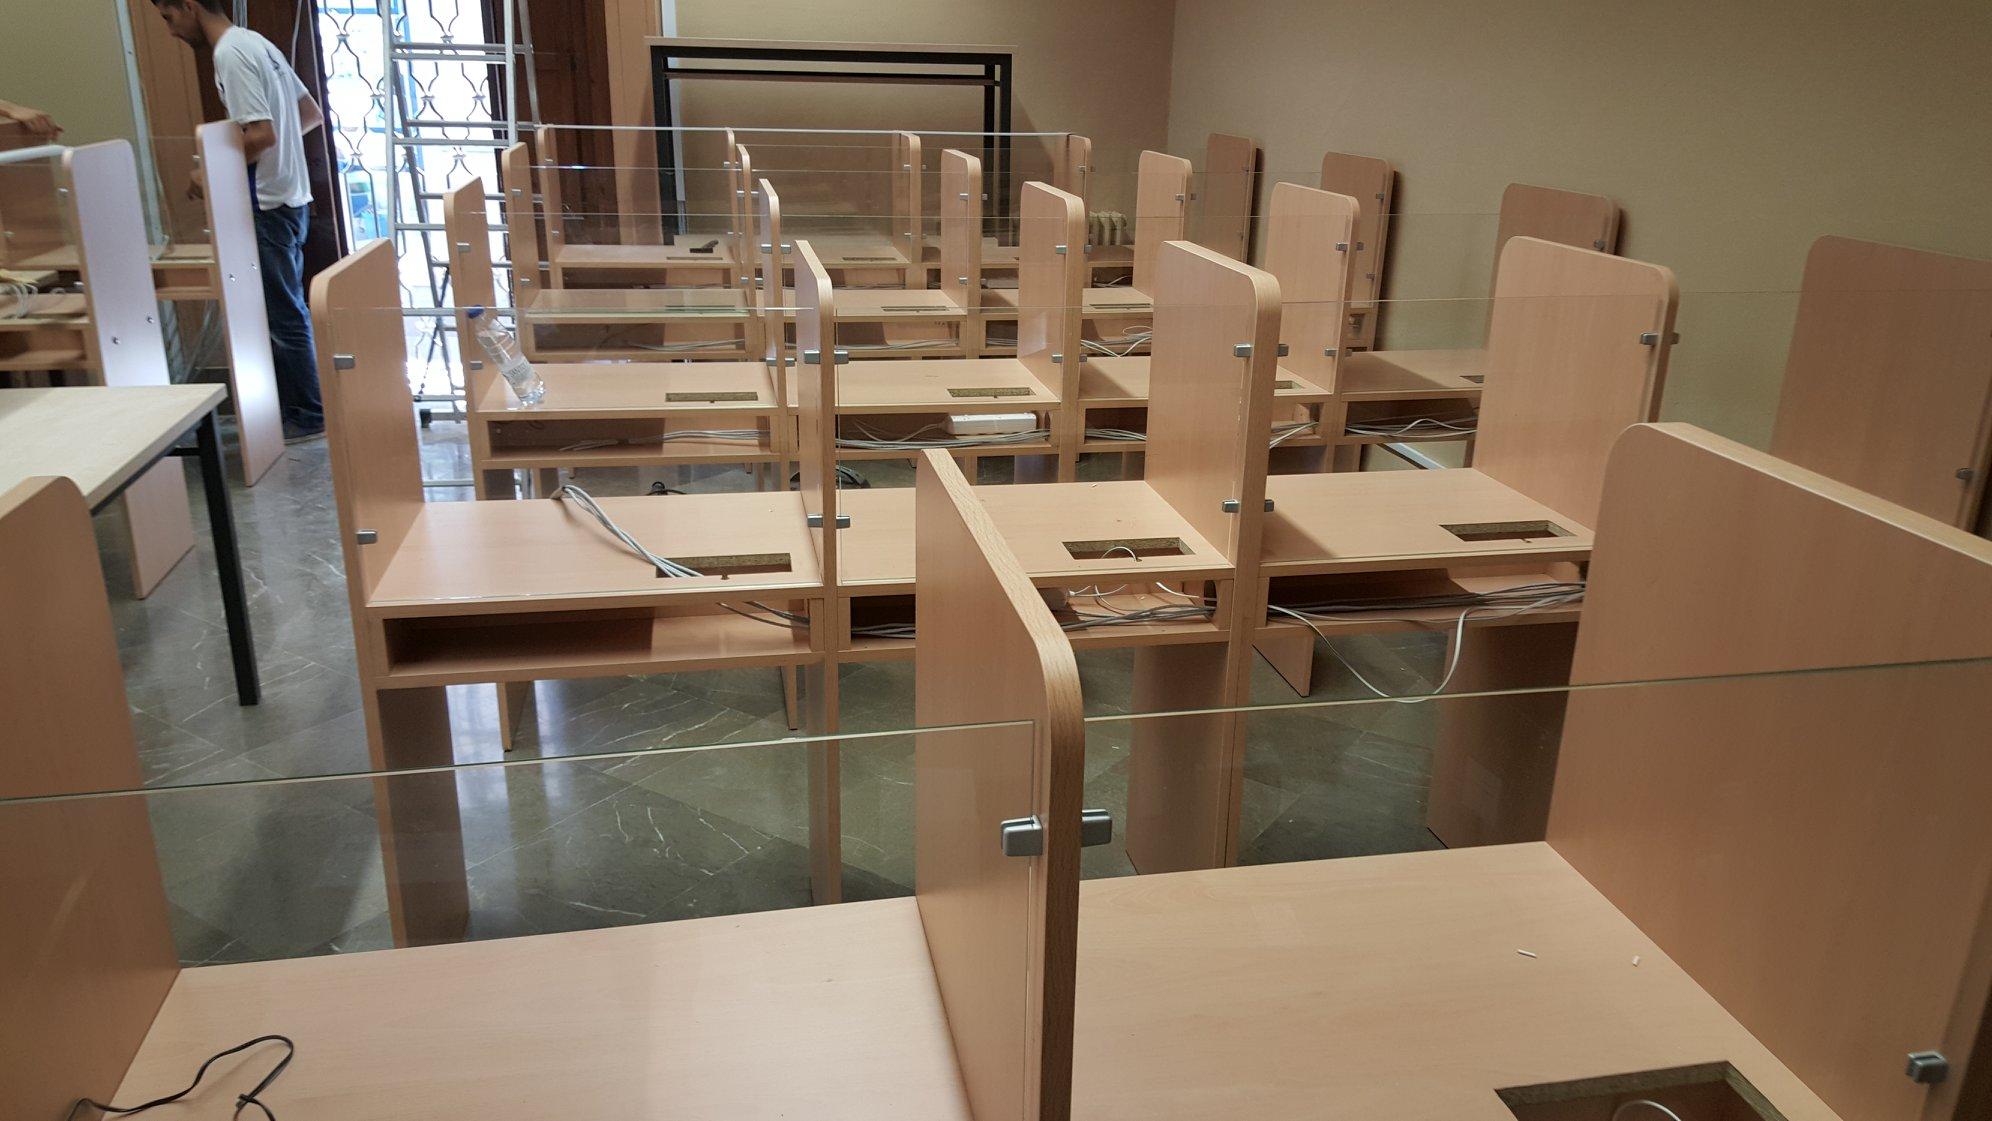 laboratorios de idiomas